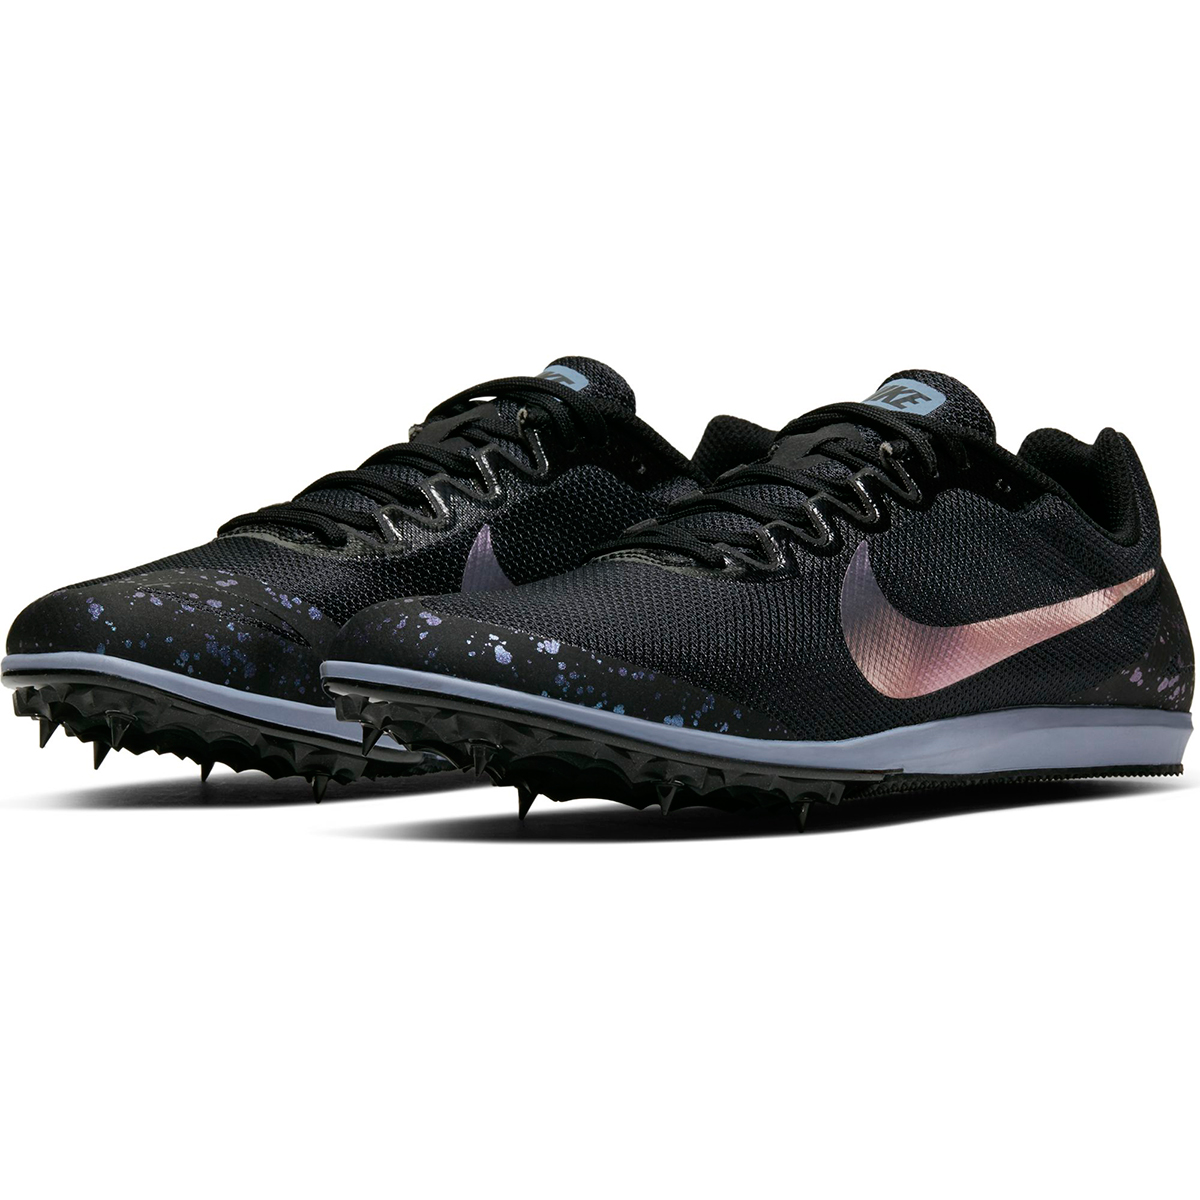 Nike Zoom Rival D 10 Track Spike - Color: Black/Indigo Fog (Regular Width) - Size: 6, Black/Indigo Fog, large, image 4